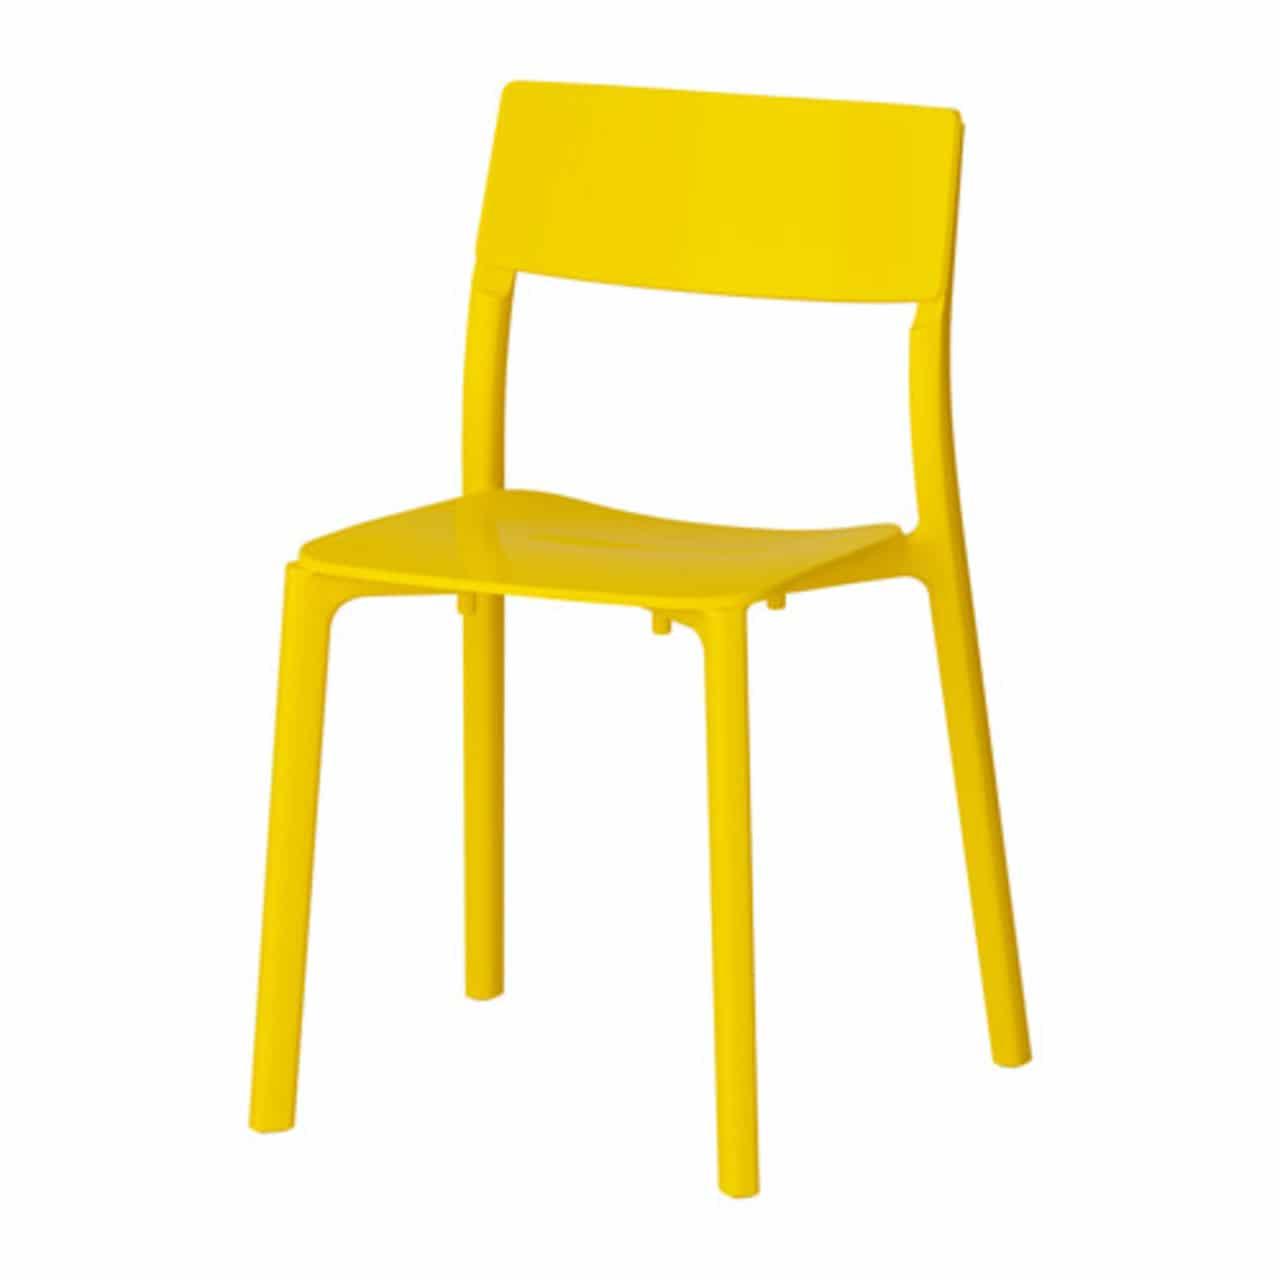 C mo hacer que tu casa se vea m s grande utilizando muebles lemonbe el color olor y sabor - Mas que muebles ...